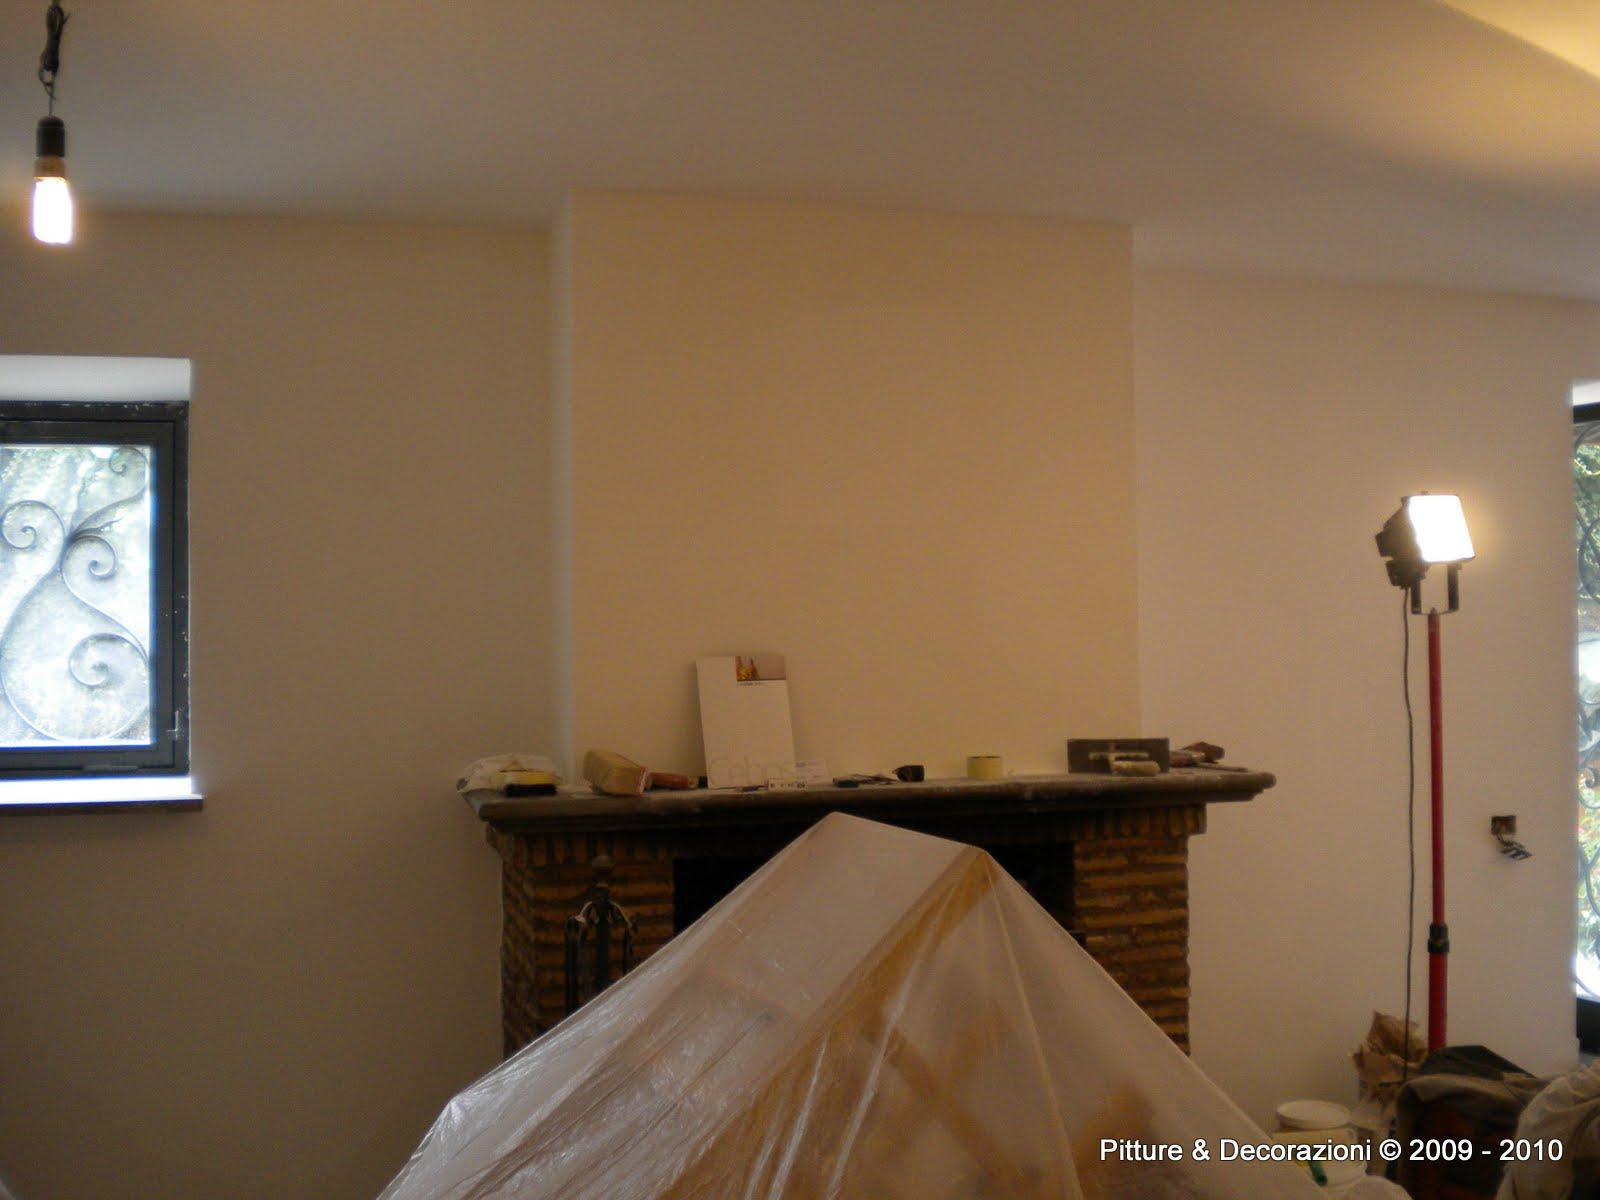 Pitture&Decorazioni: Nuove foto di decorazioni